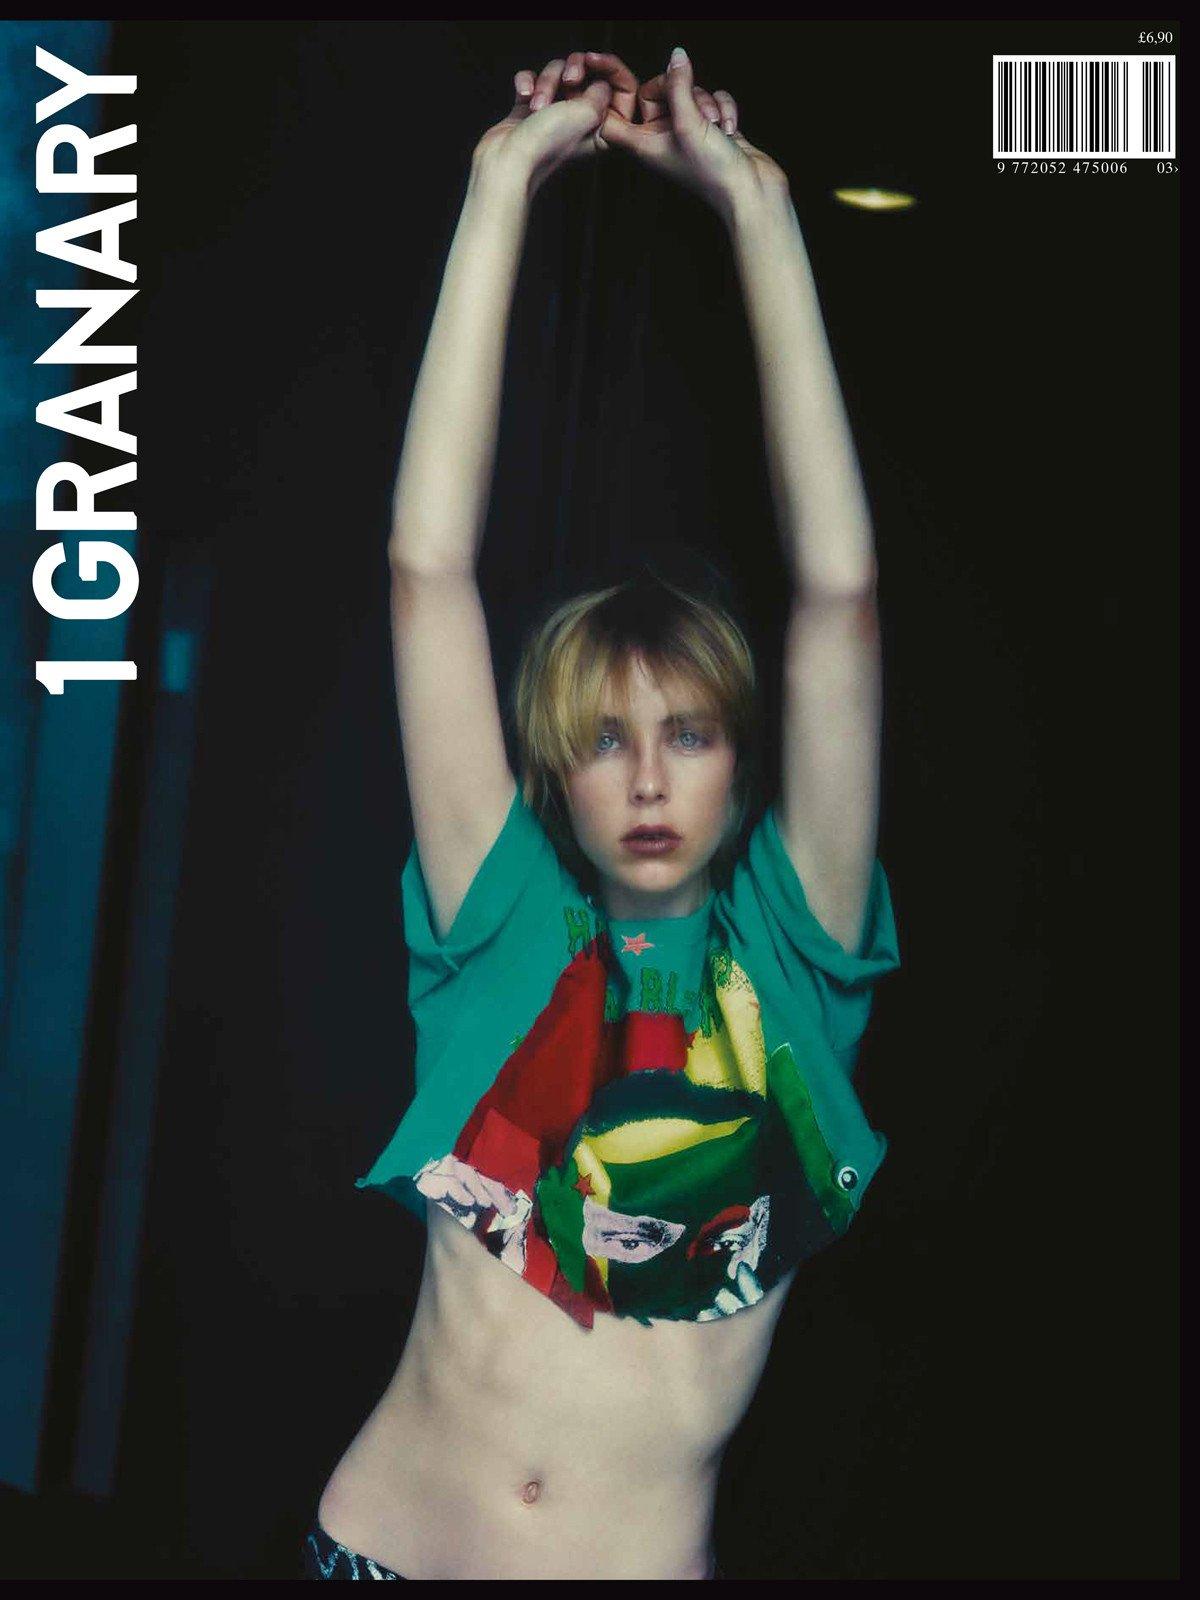 Capa da terceira edição com a modelo Edie Campbell / Reprodução